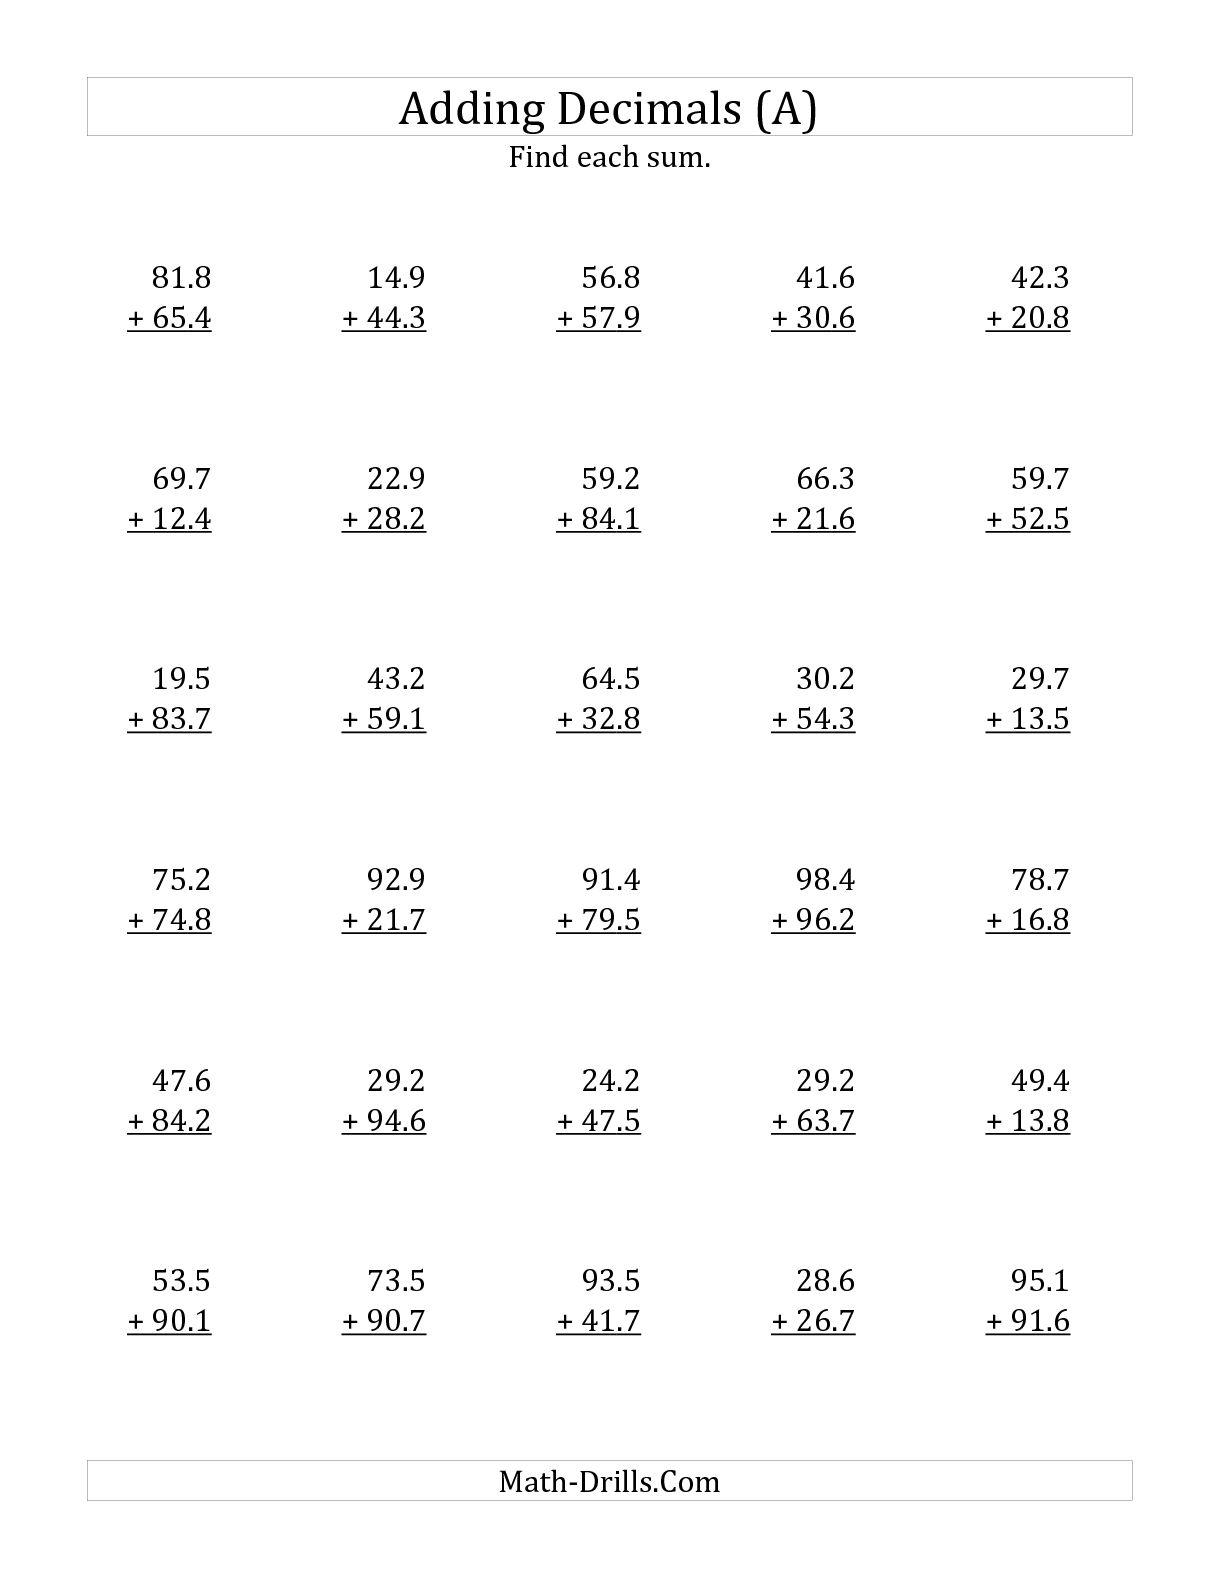 Adding Decimals 4th Grade Worksheets The Best Worksheets Image